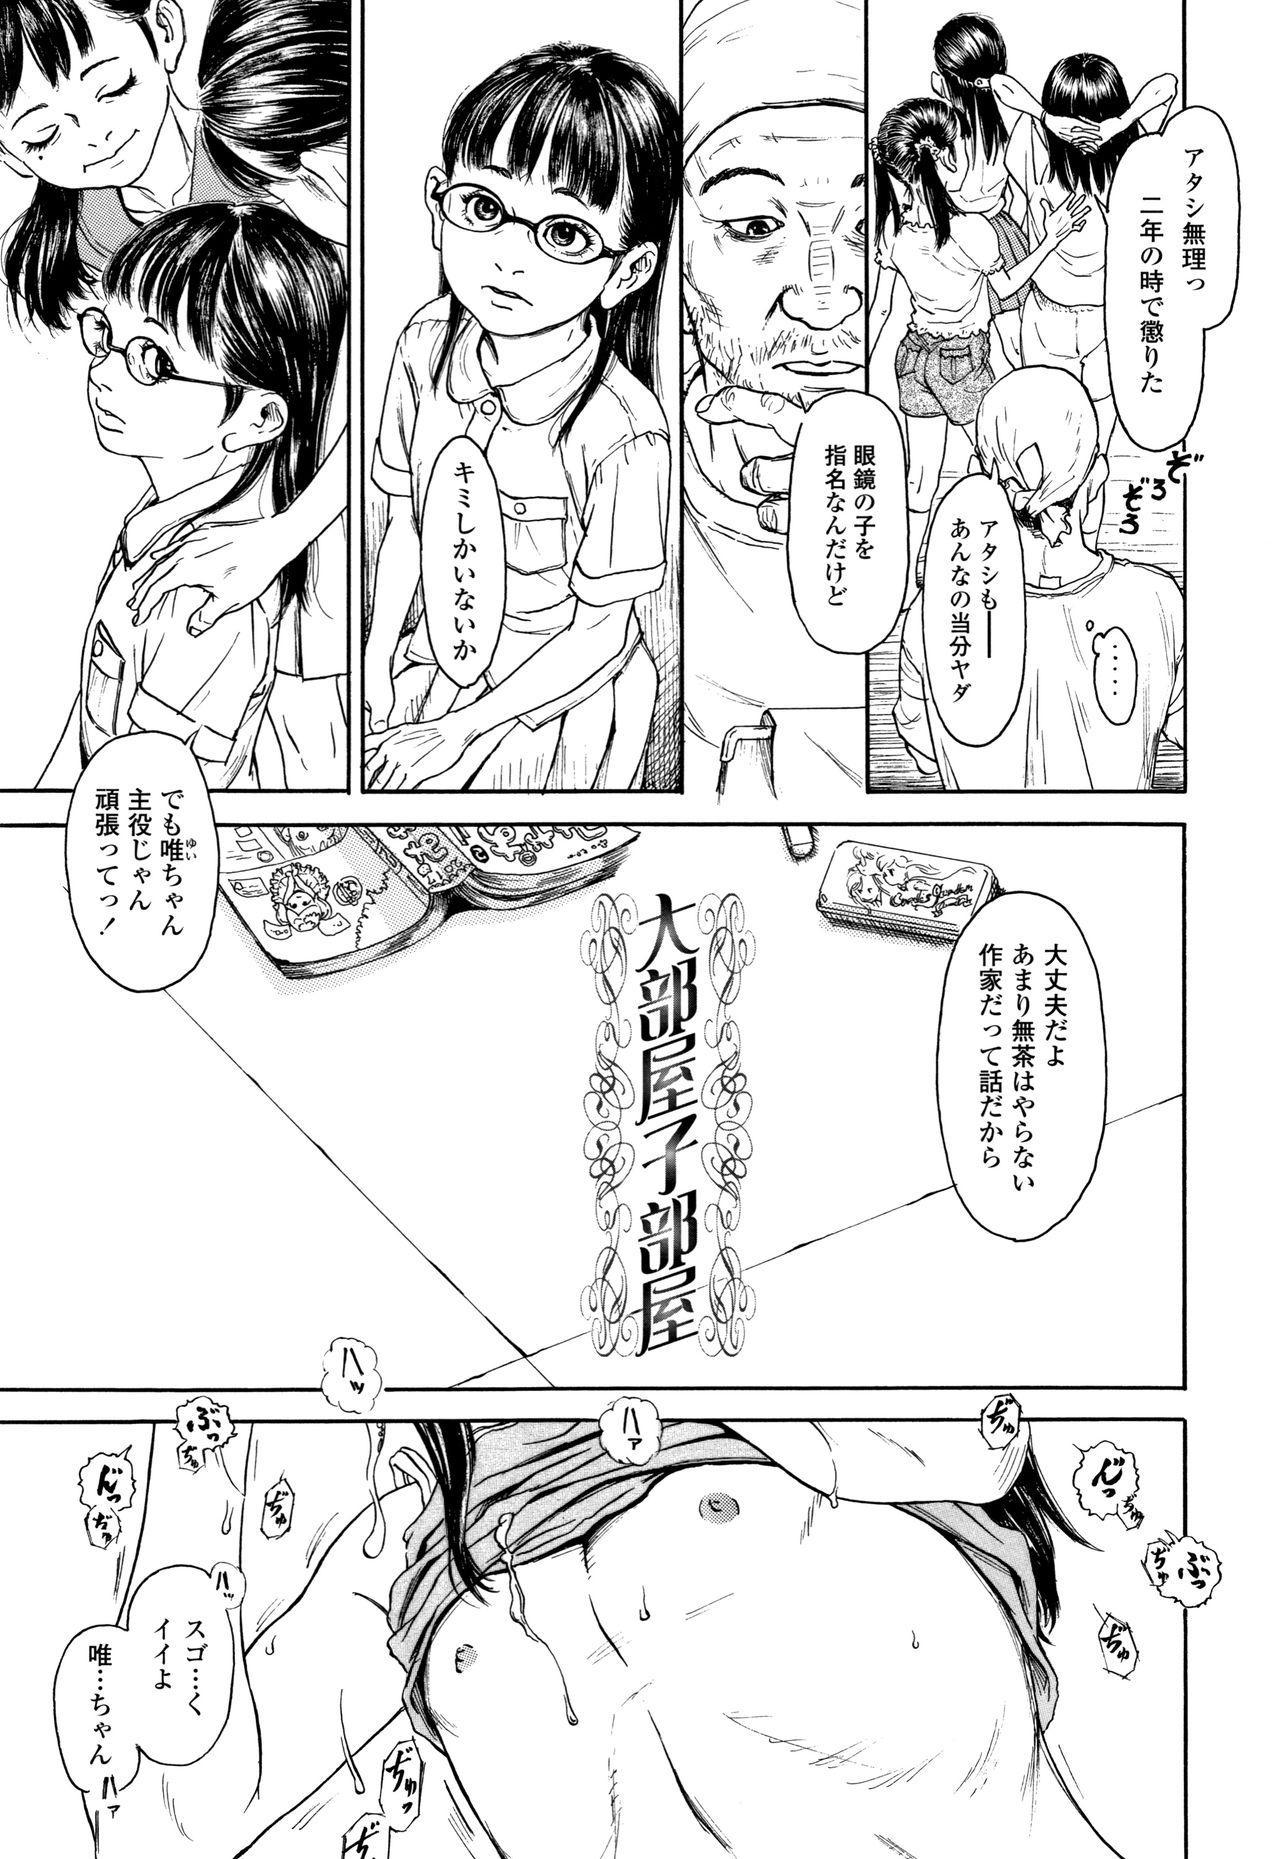 Chiisai Karada ni Shiroi Kage 153